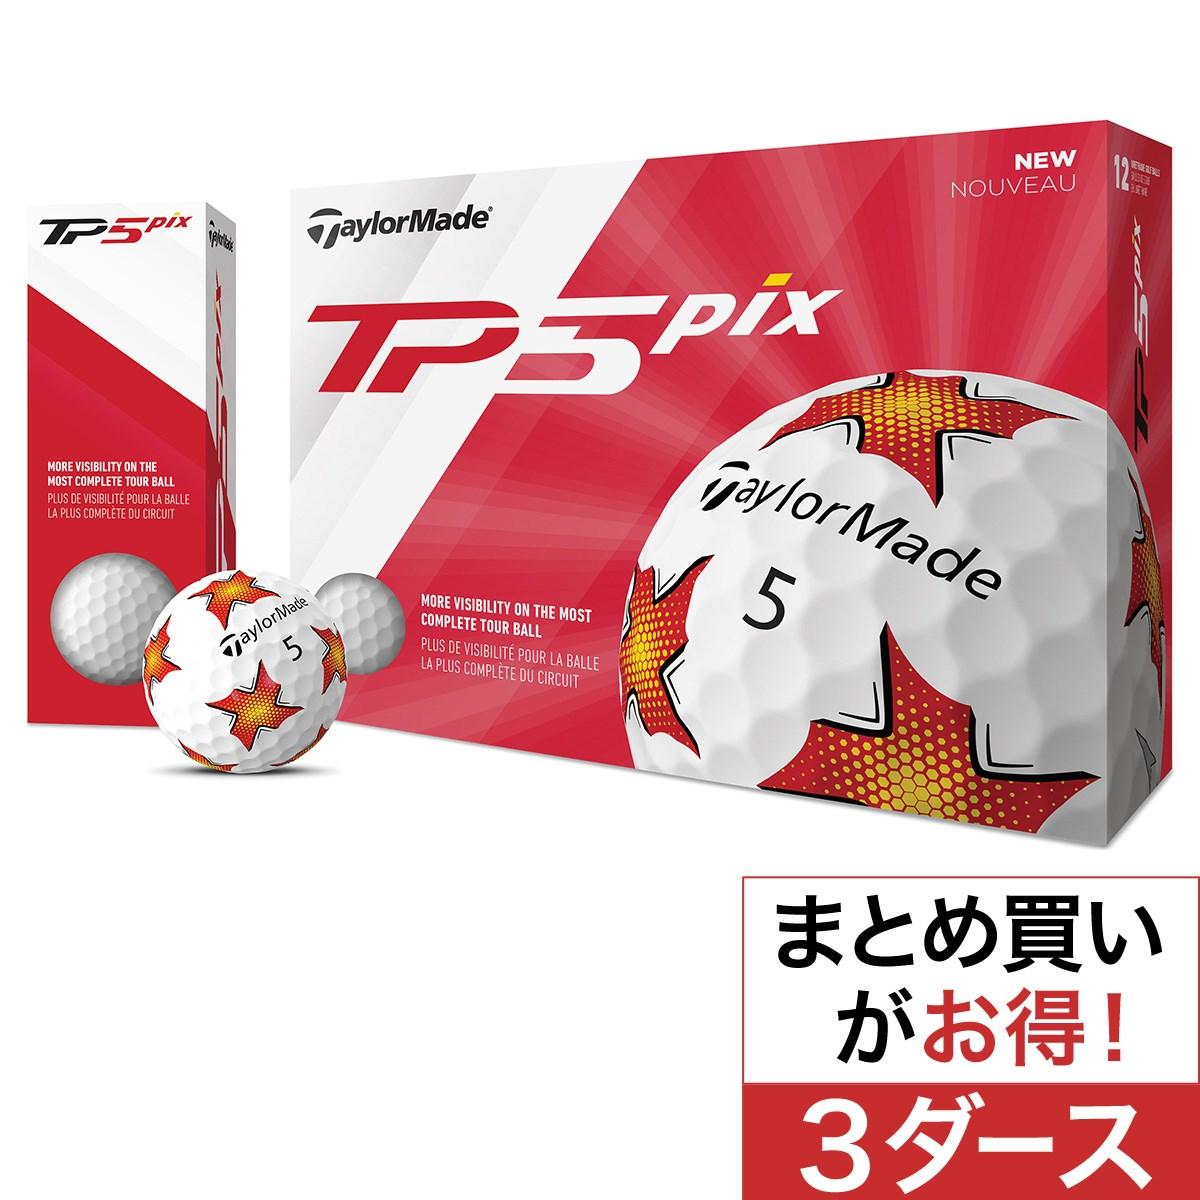 テーラーメイド(Taylor Made) TP5 pix ボール 3ダースセット